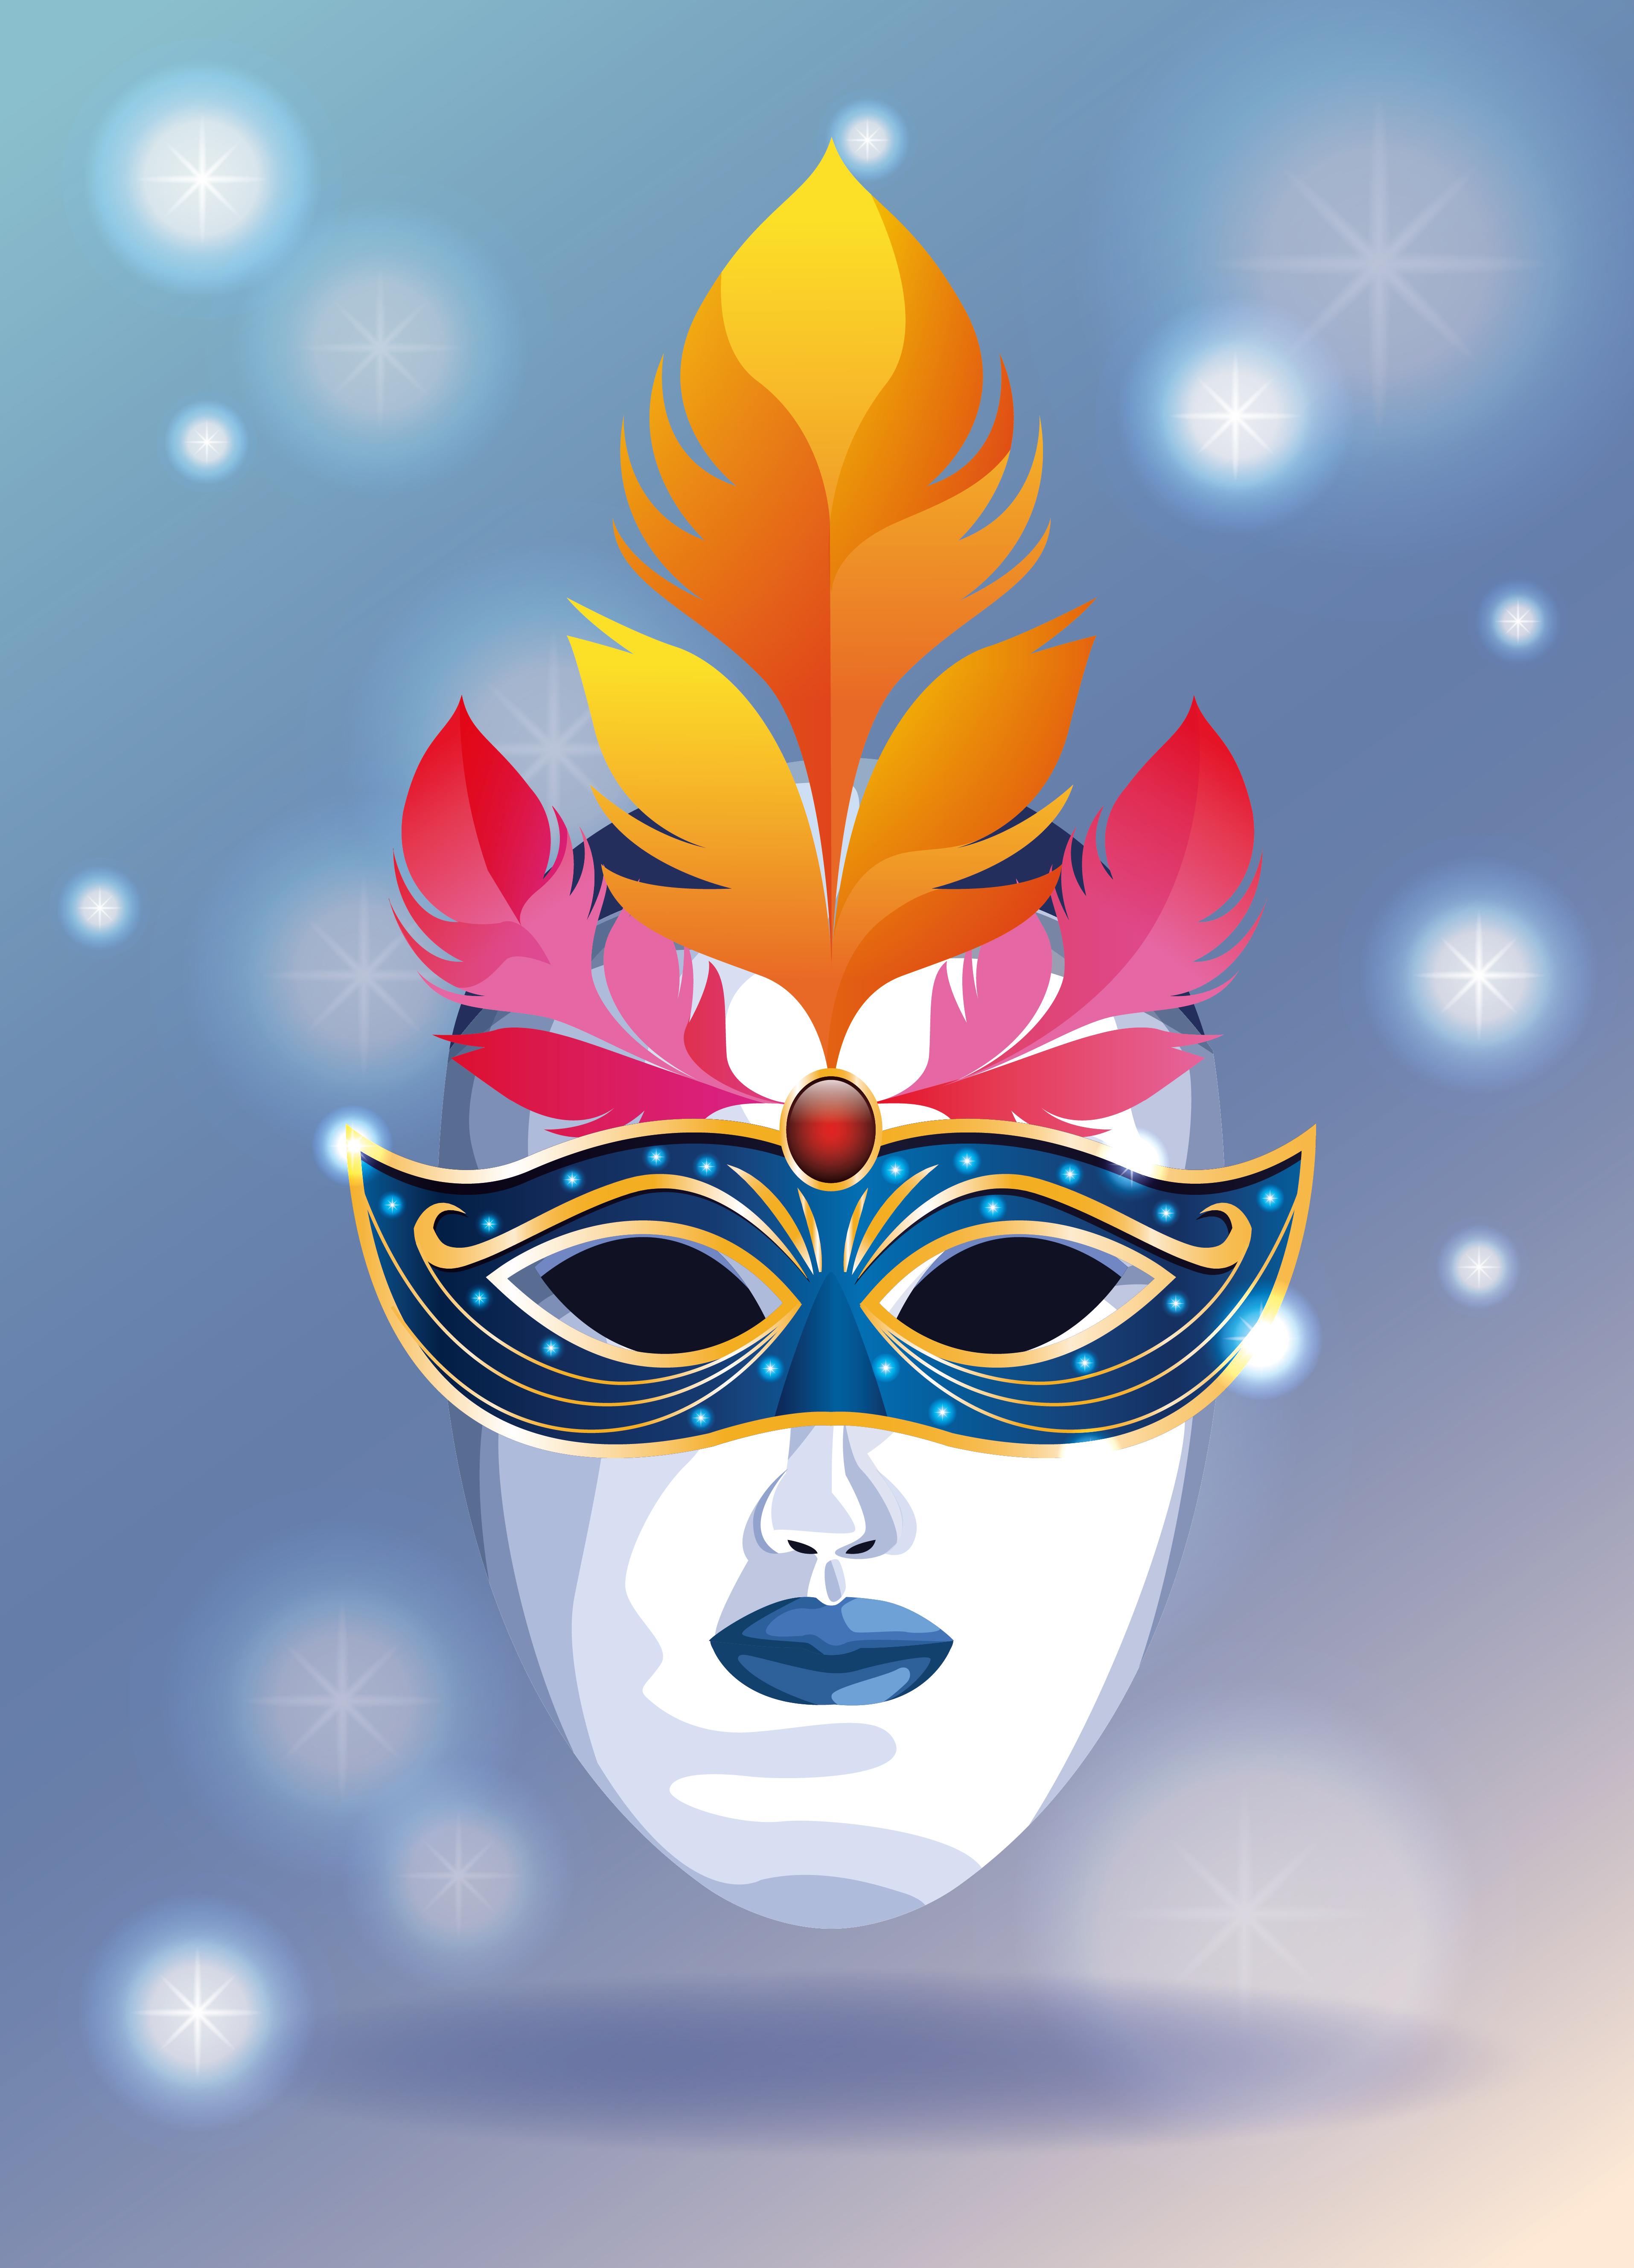 Mardi gras mask - Download Free Vectors, Clipart Graphics ...